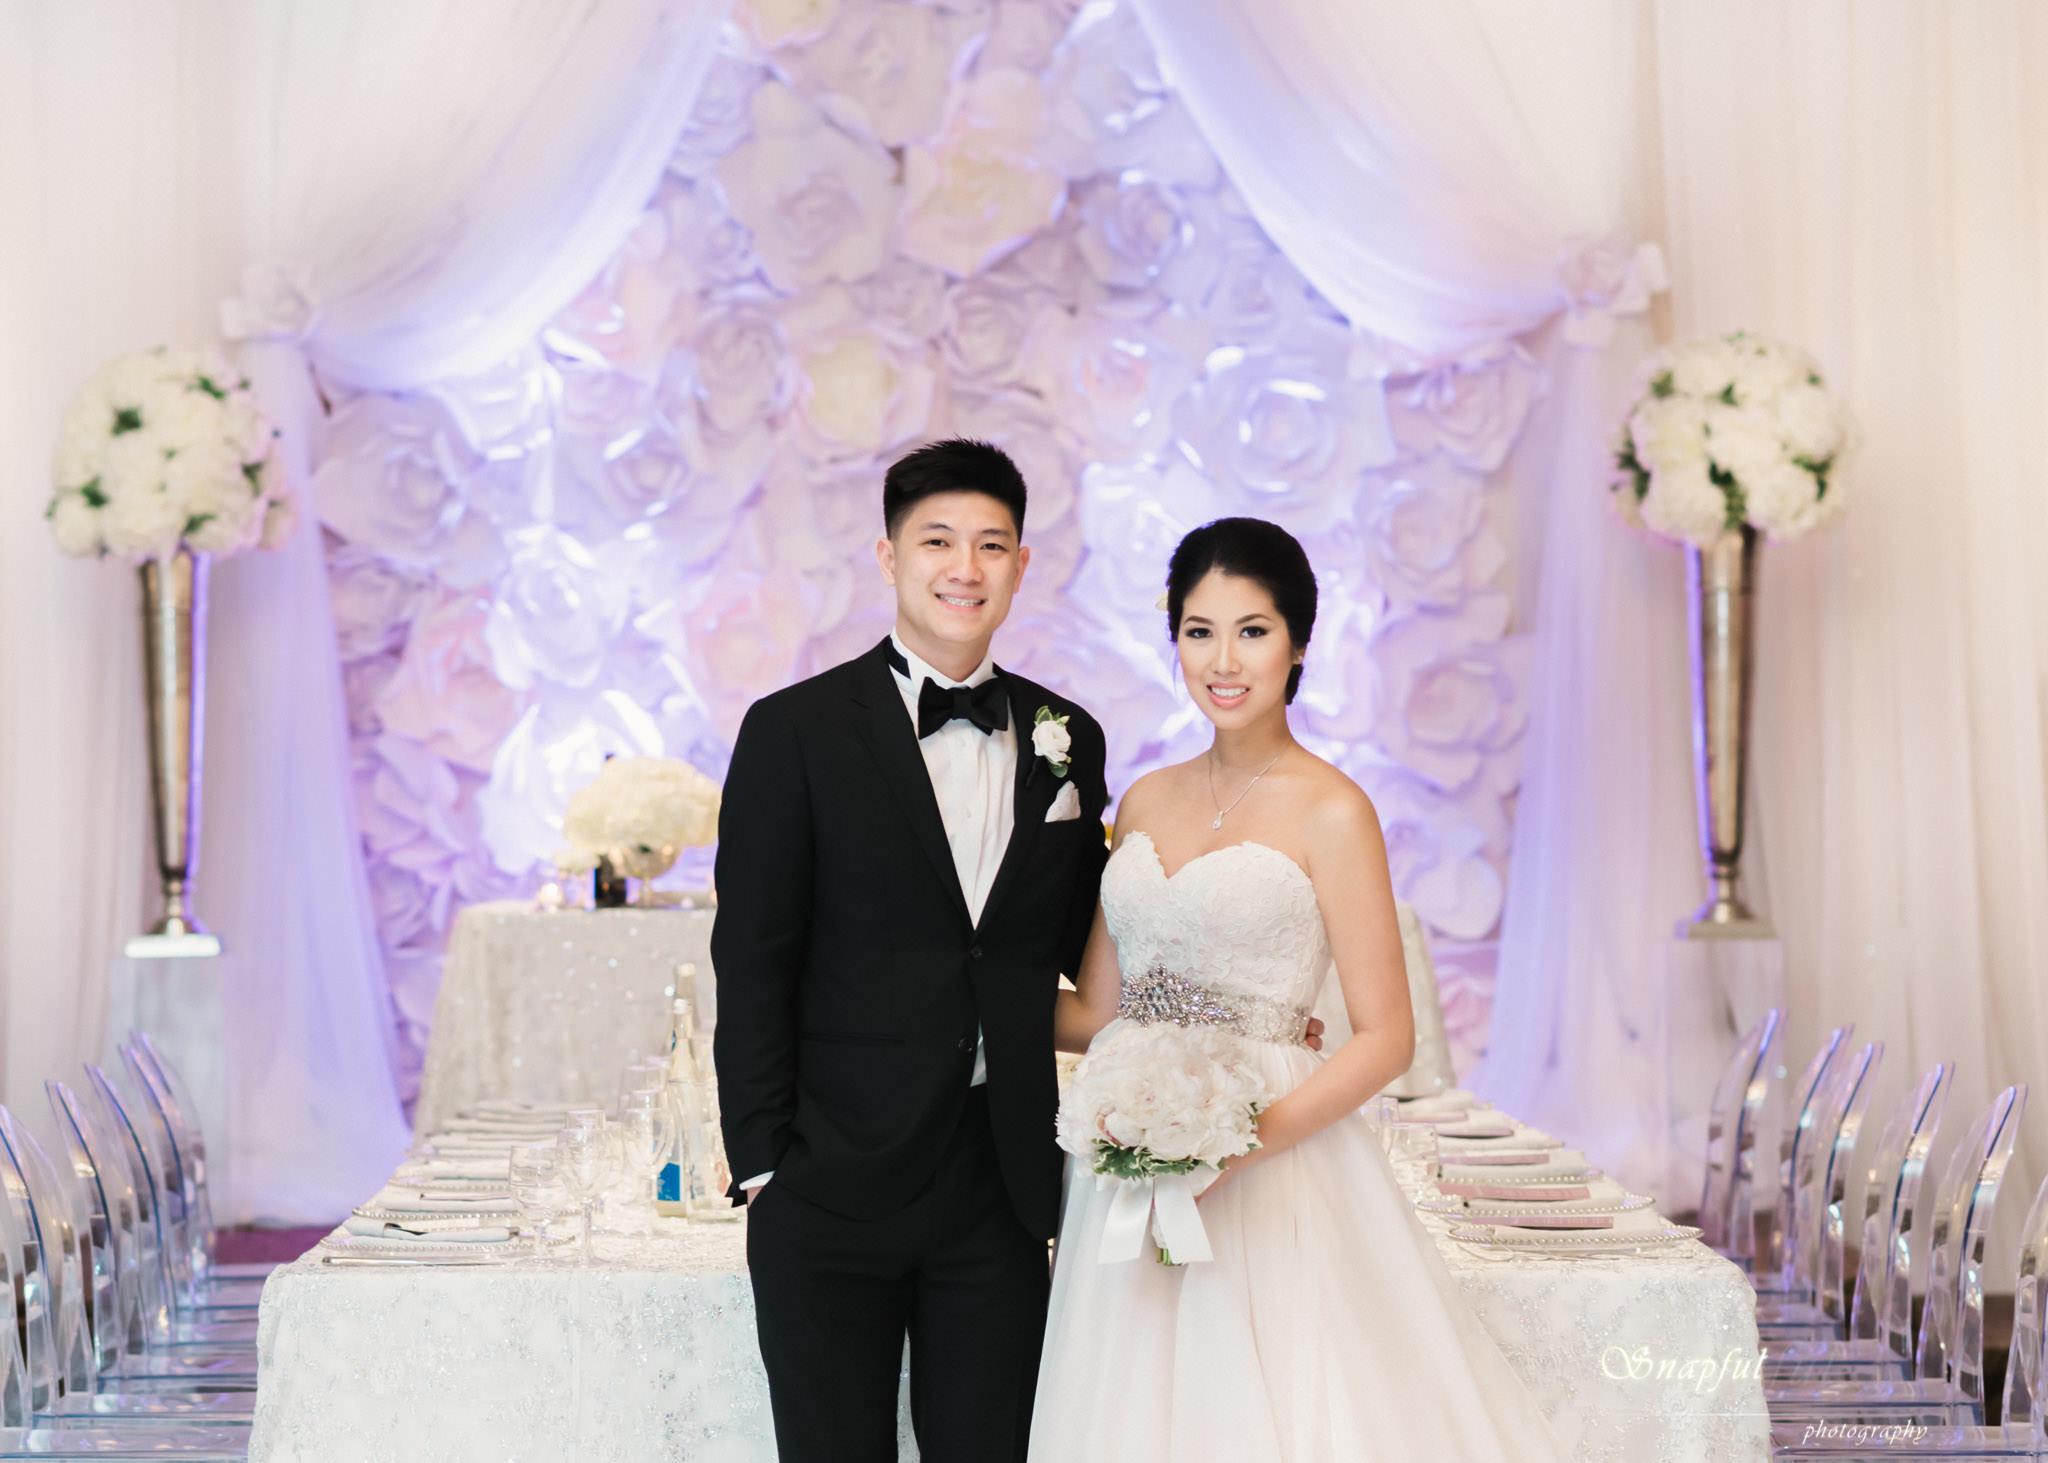 Cong Myshelle Wedding Vietnamese Wedding Borgata-46